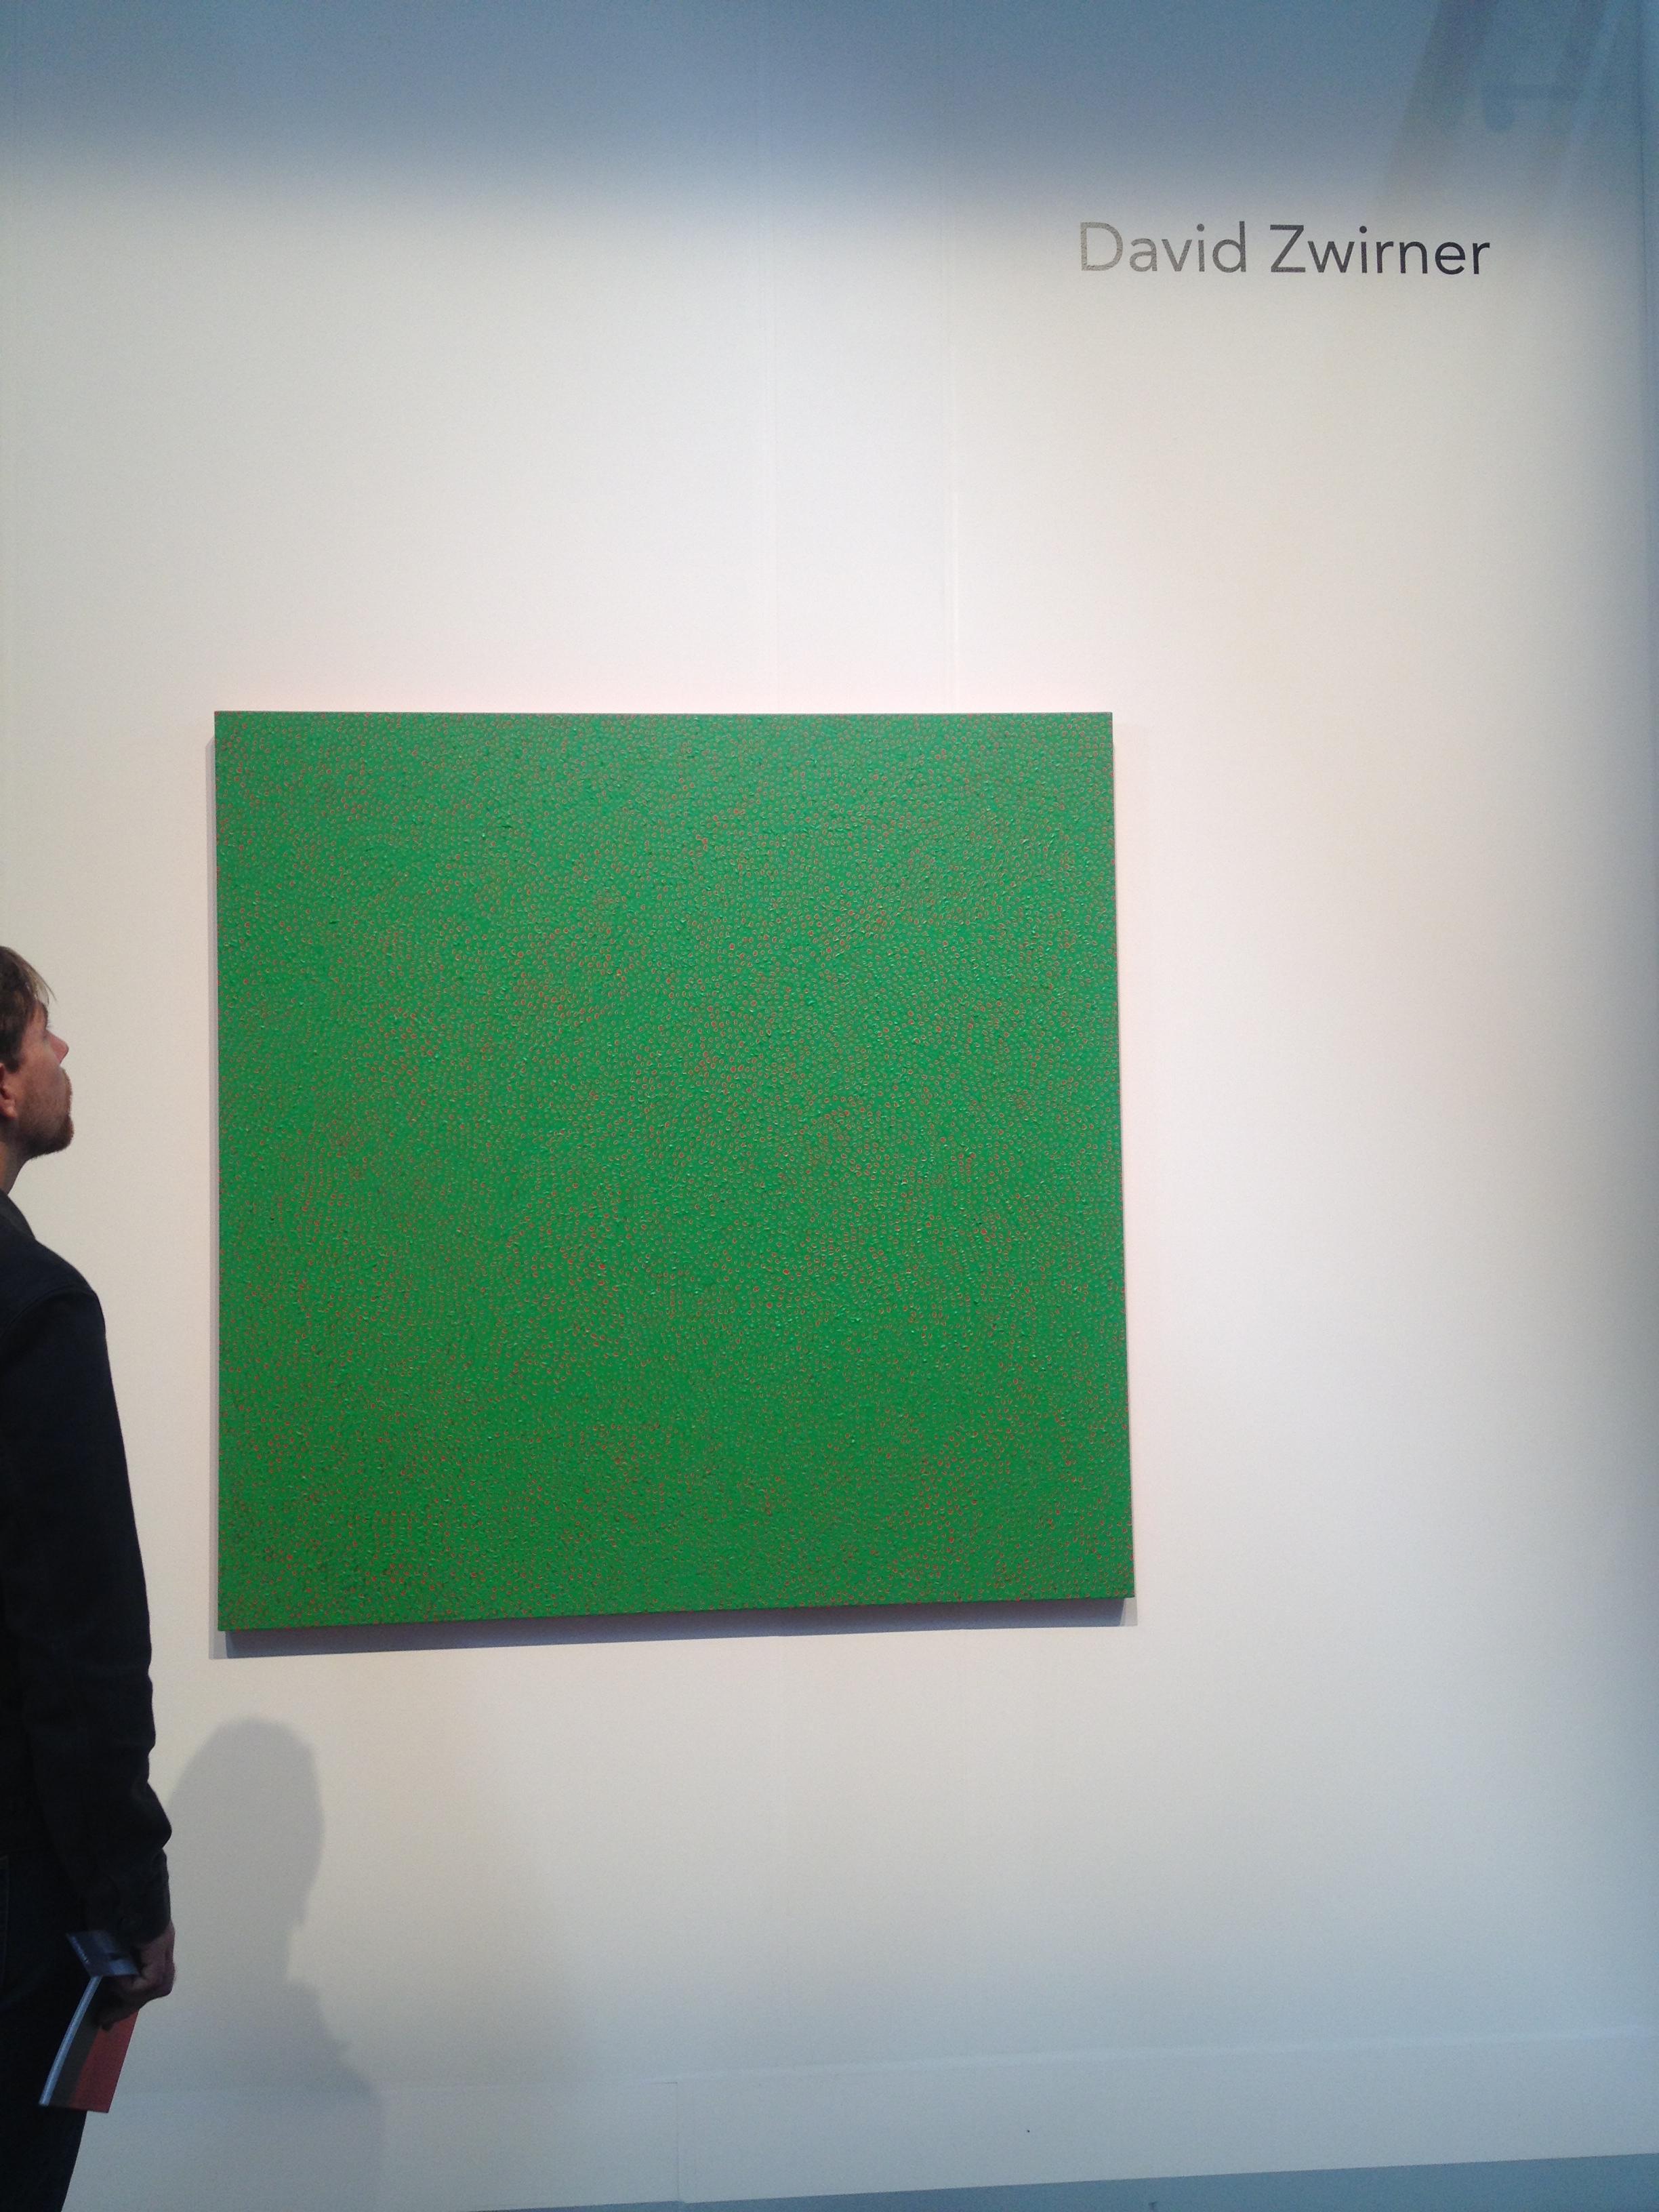 Yayoi Kusama at David Zwirner